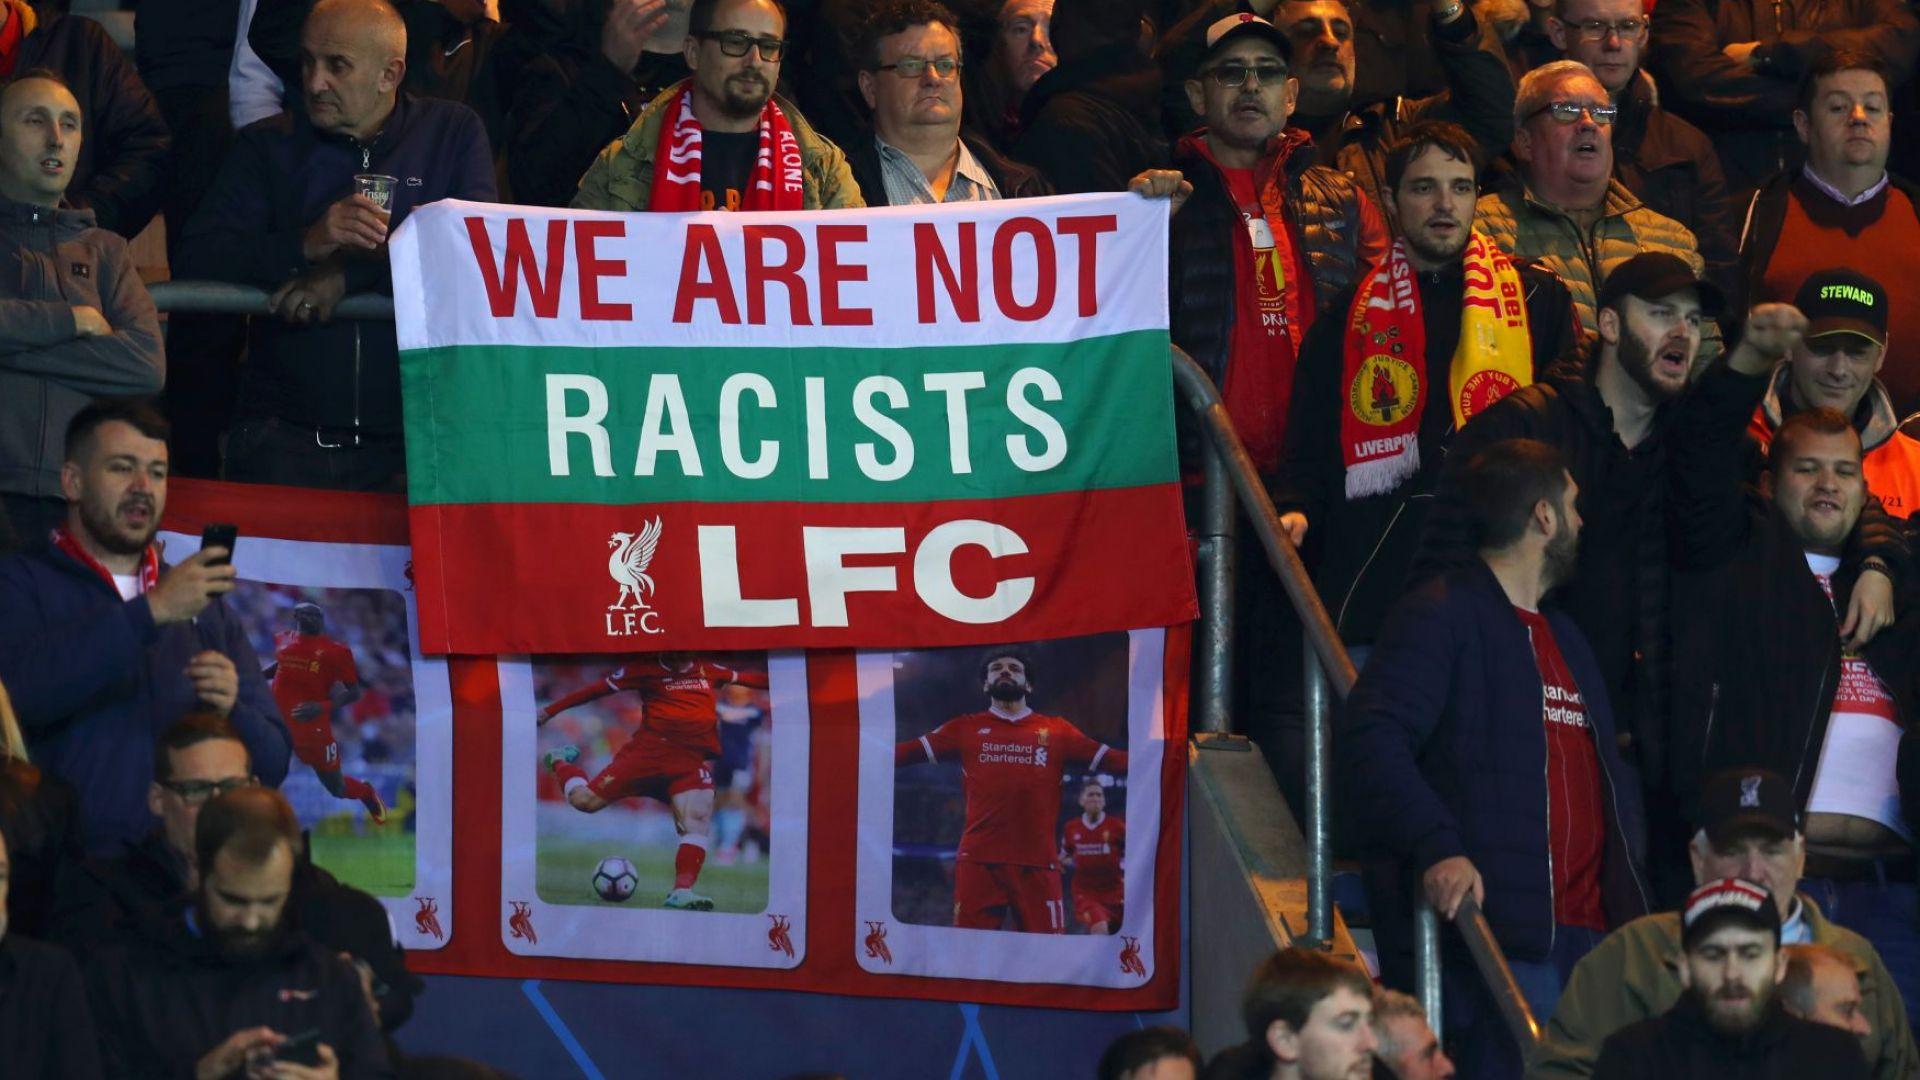 Знаме на мач в Шампионската лига защити България от обвиненията за расизъм